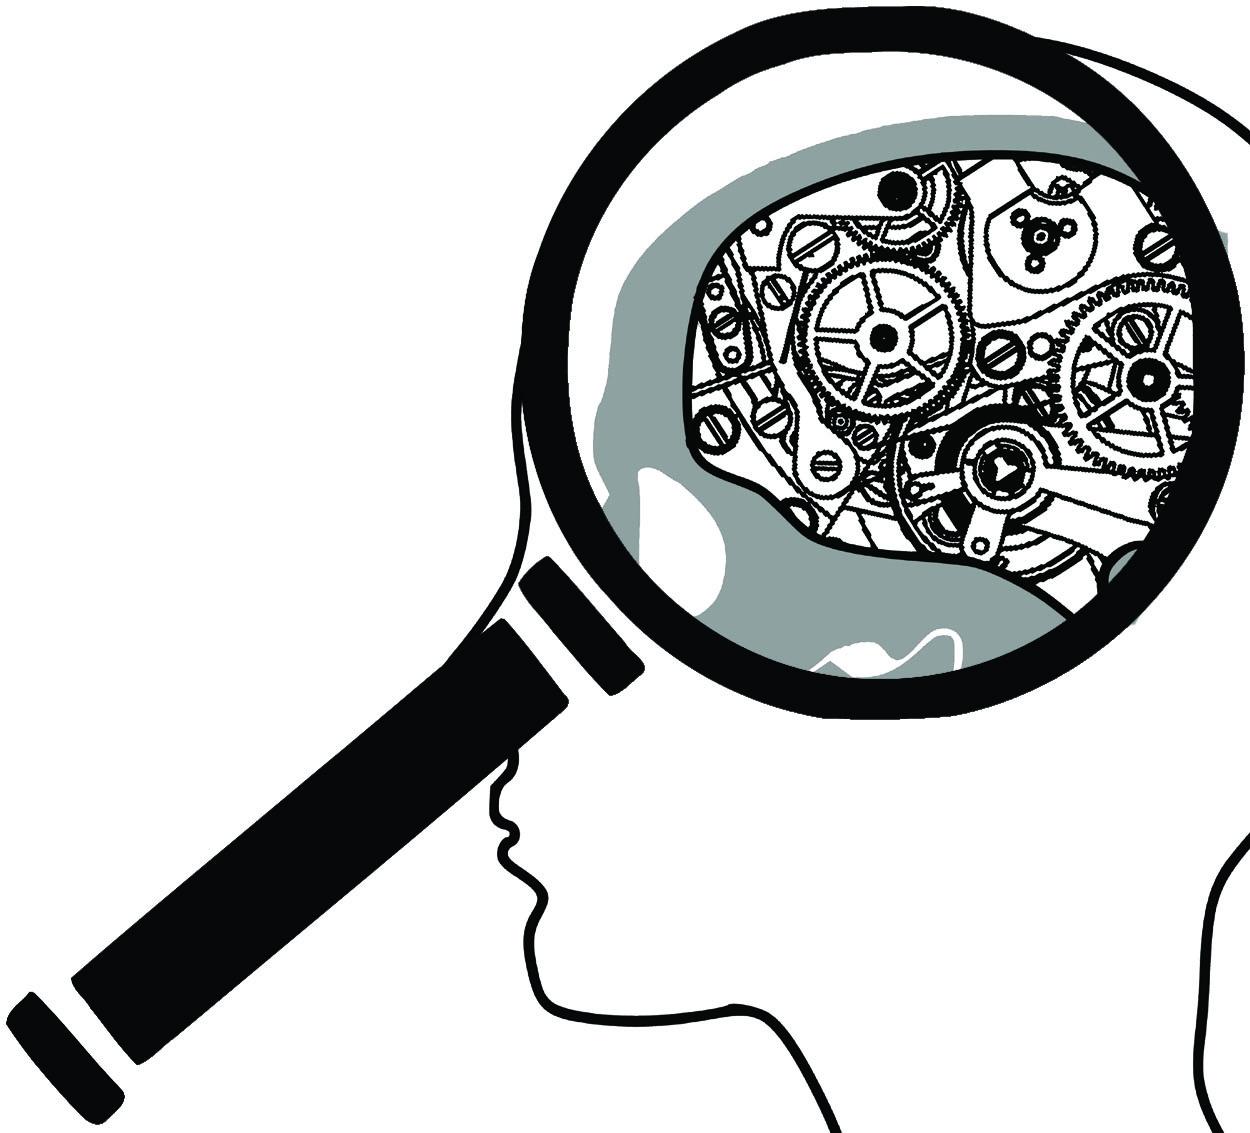 reveal Jung's mental mechanisms